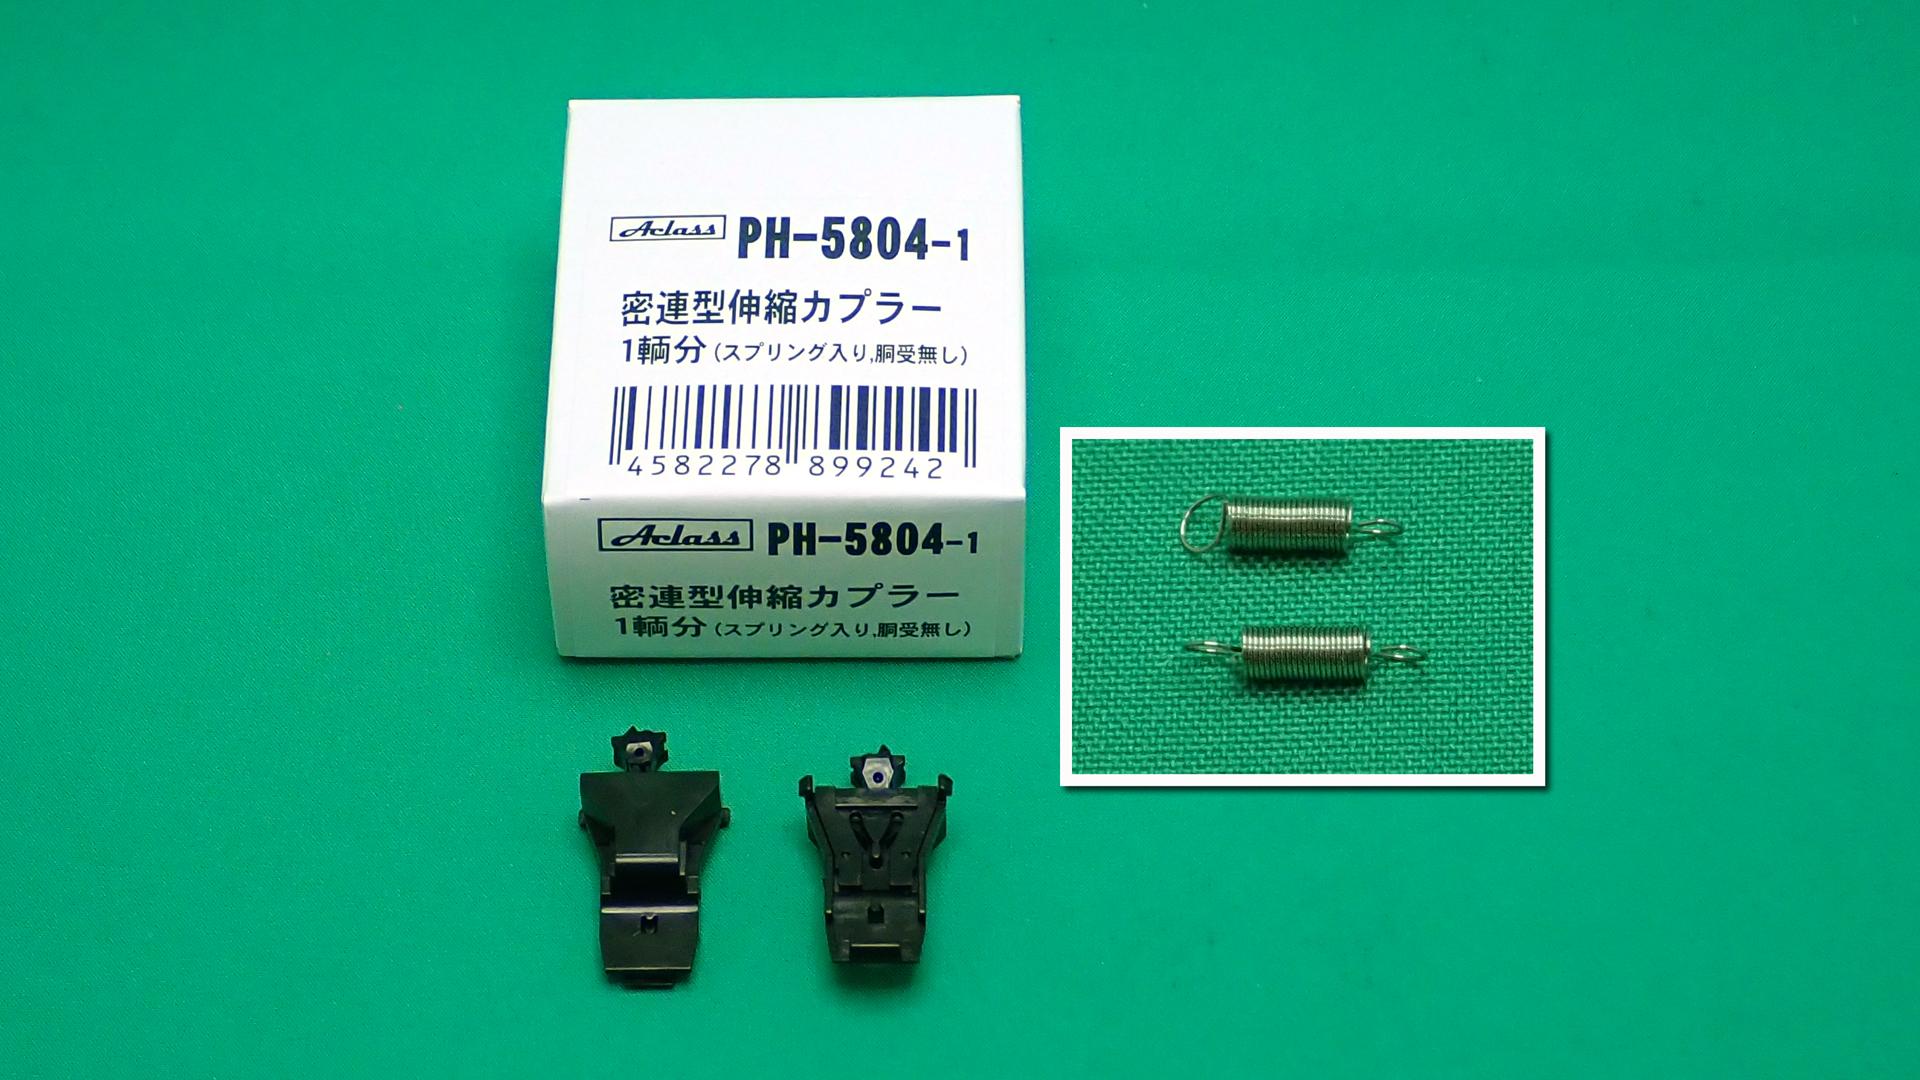 PH-5804-1 密連型伸縮カプラー1輌分(胴受無し)